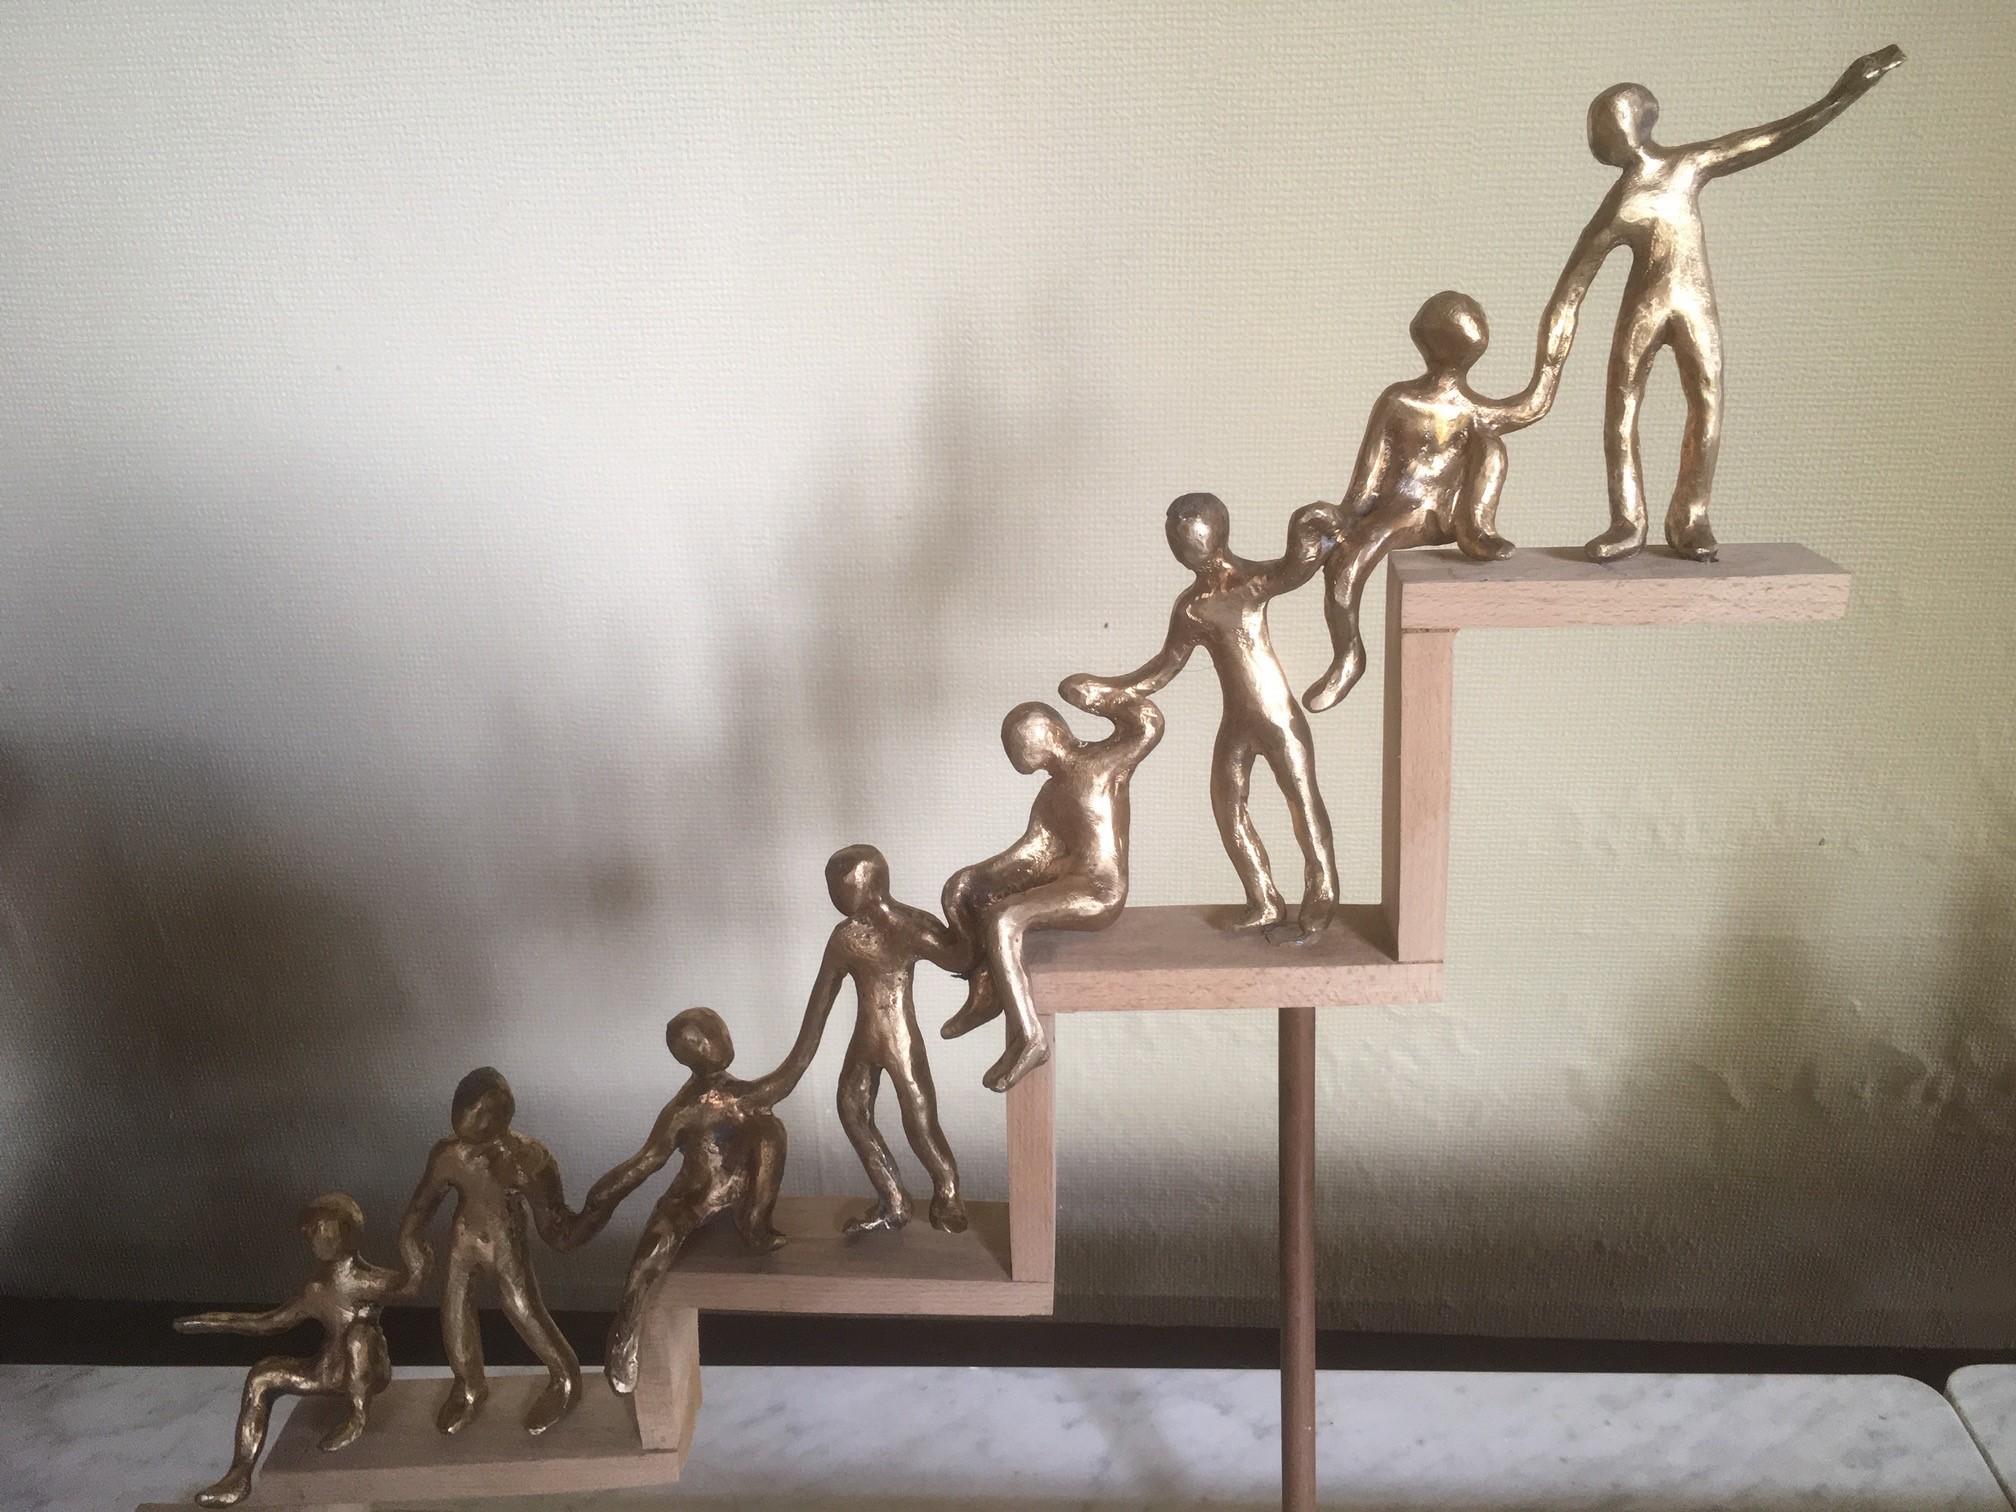 Galerie d'art du Cheval Blanc à Virton